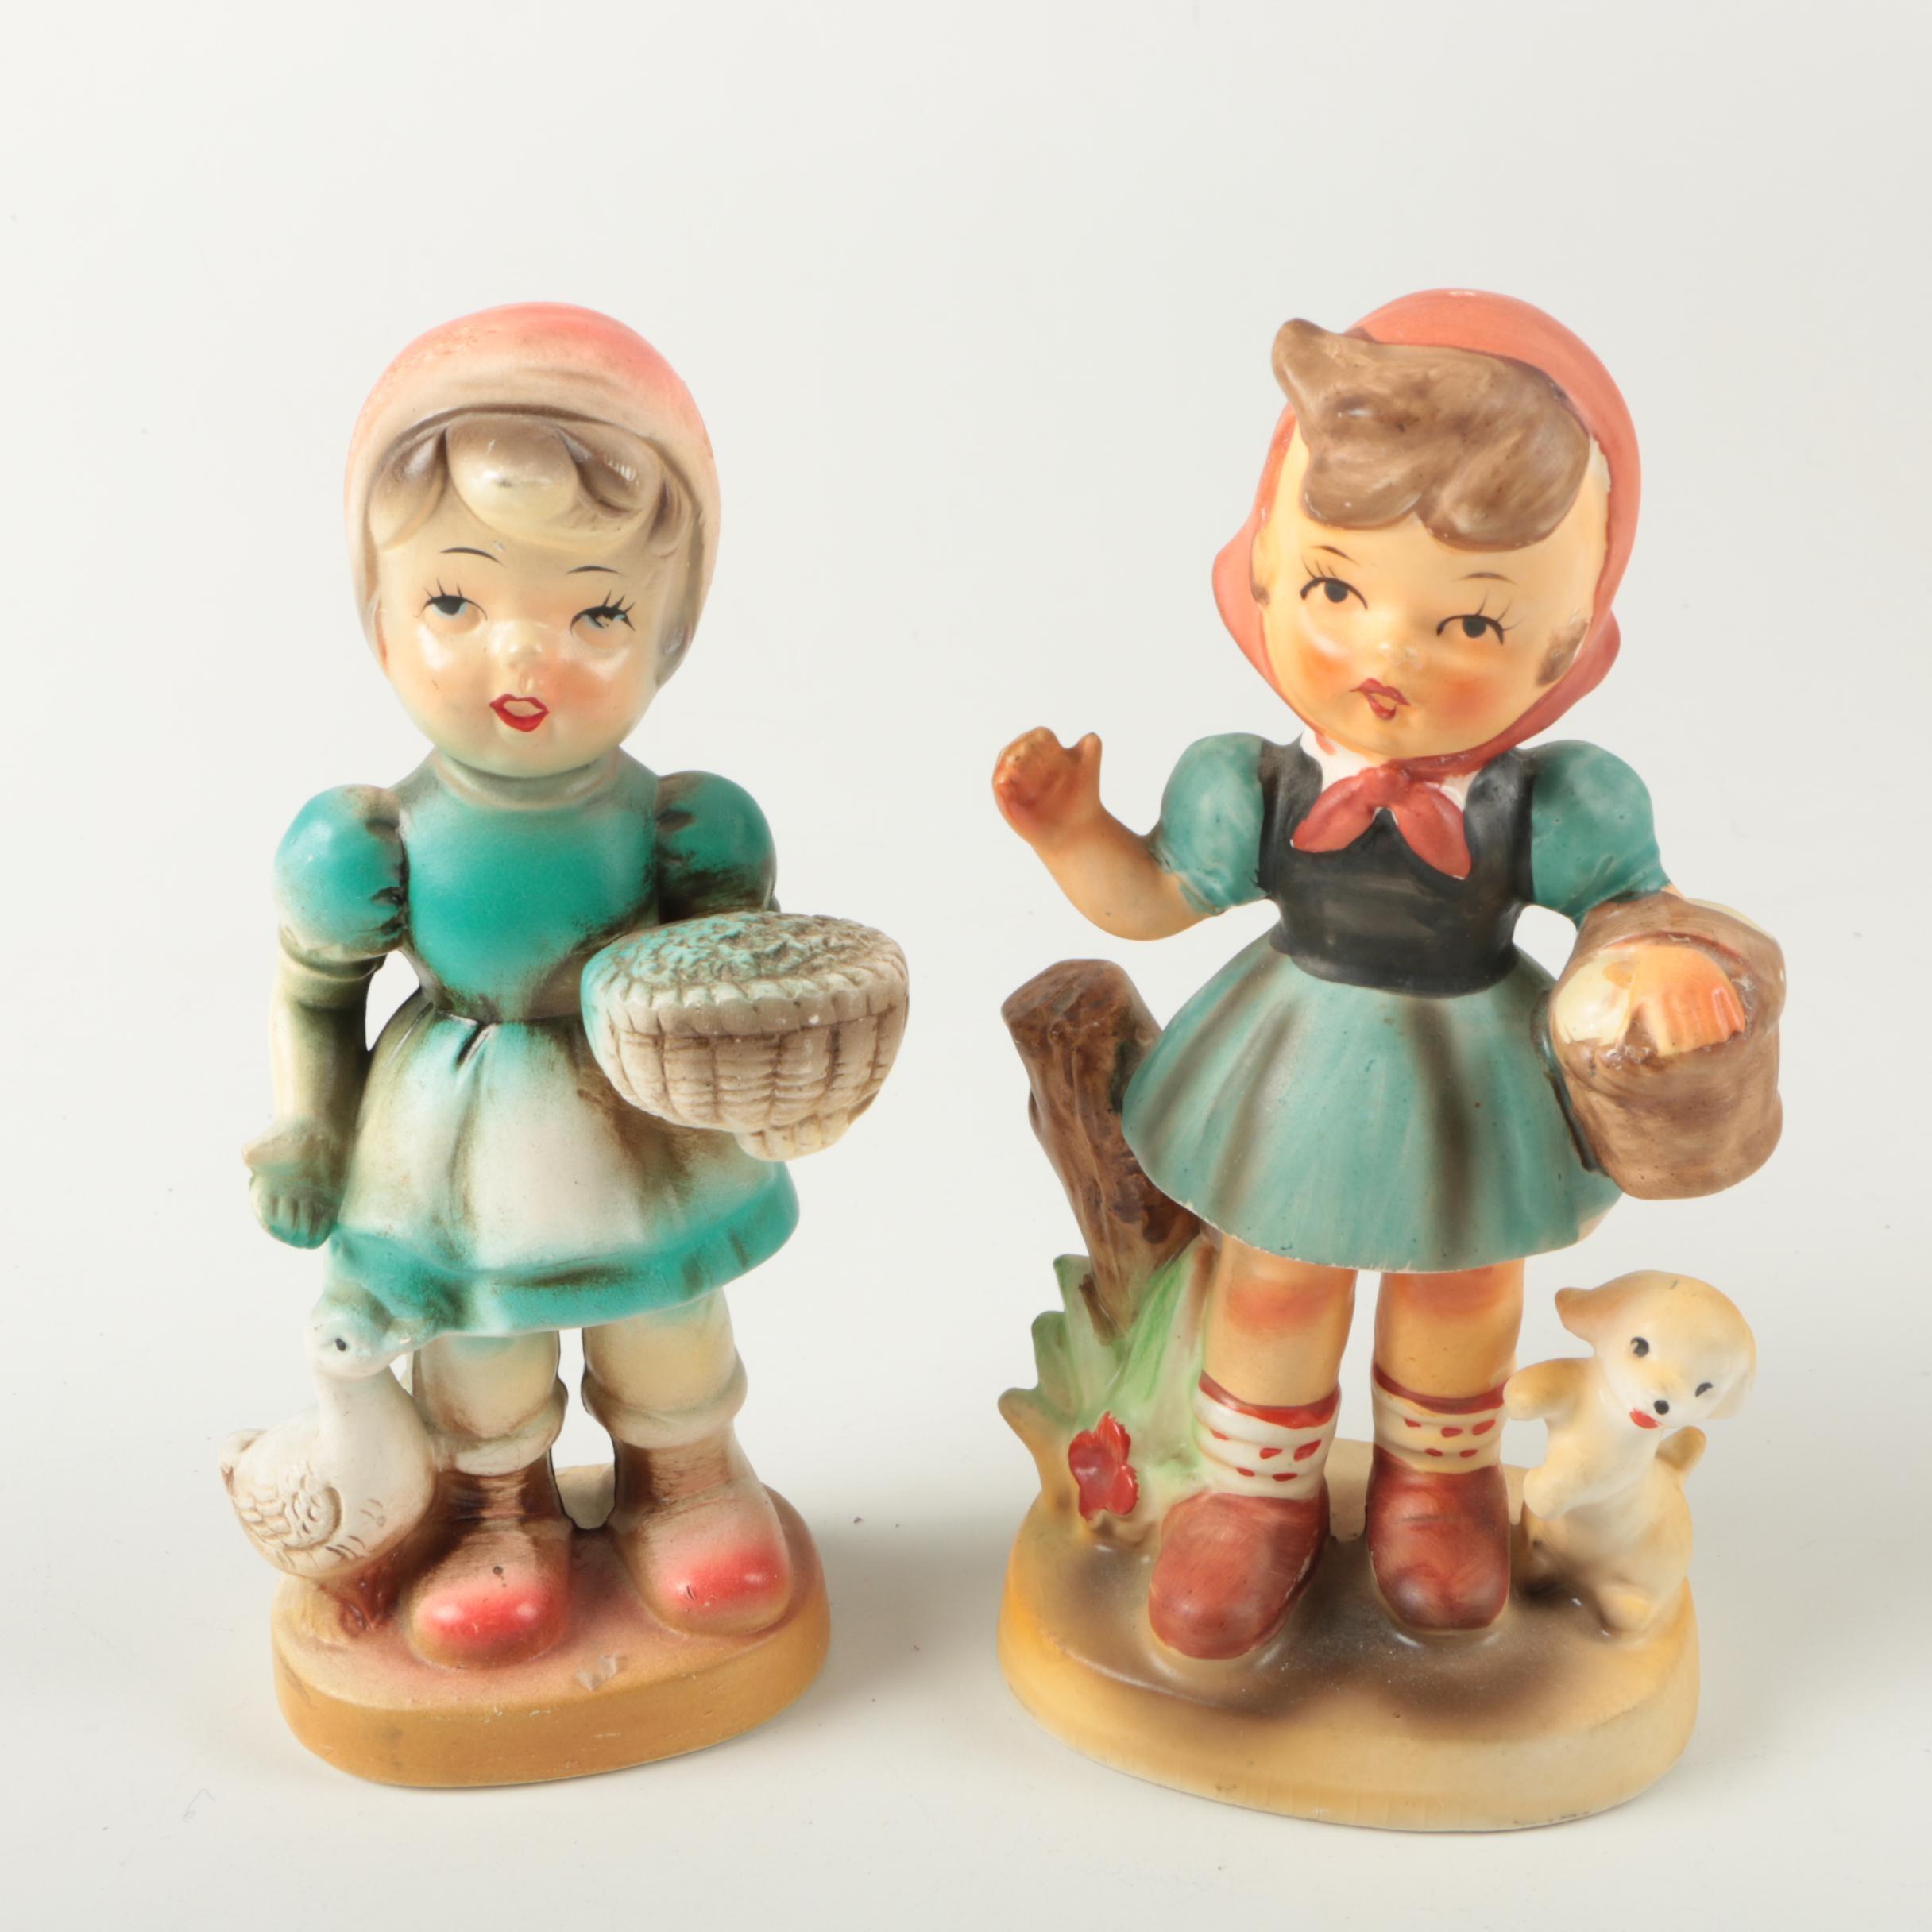 Hummel Style Figurines